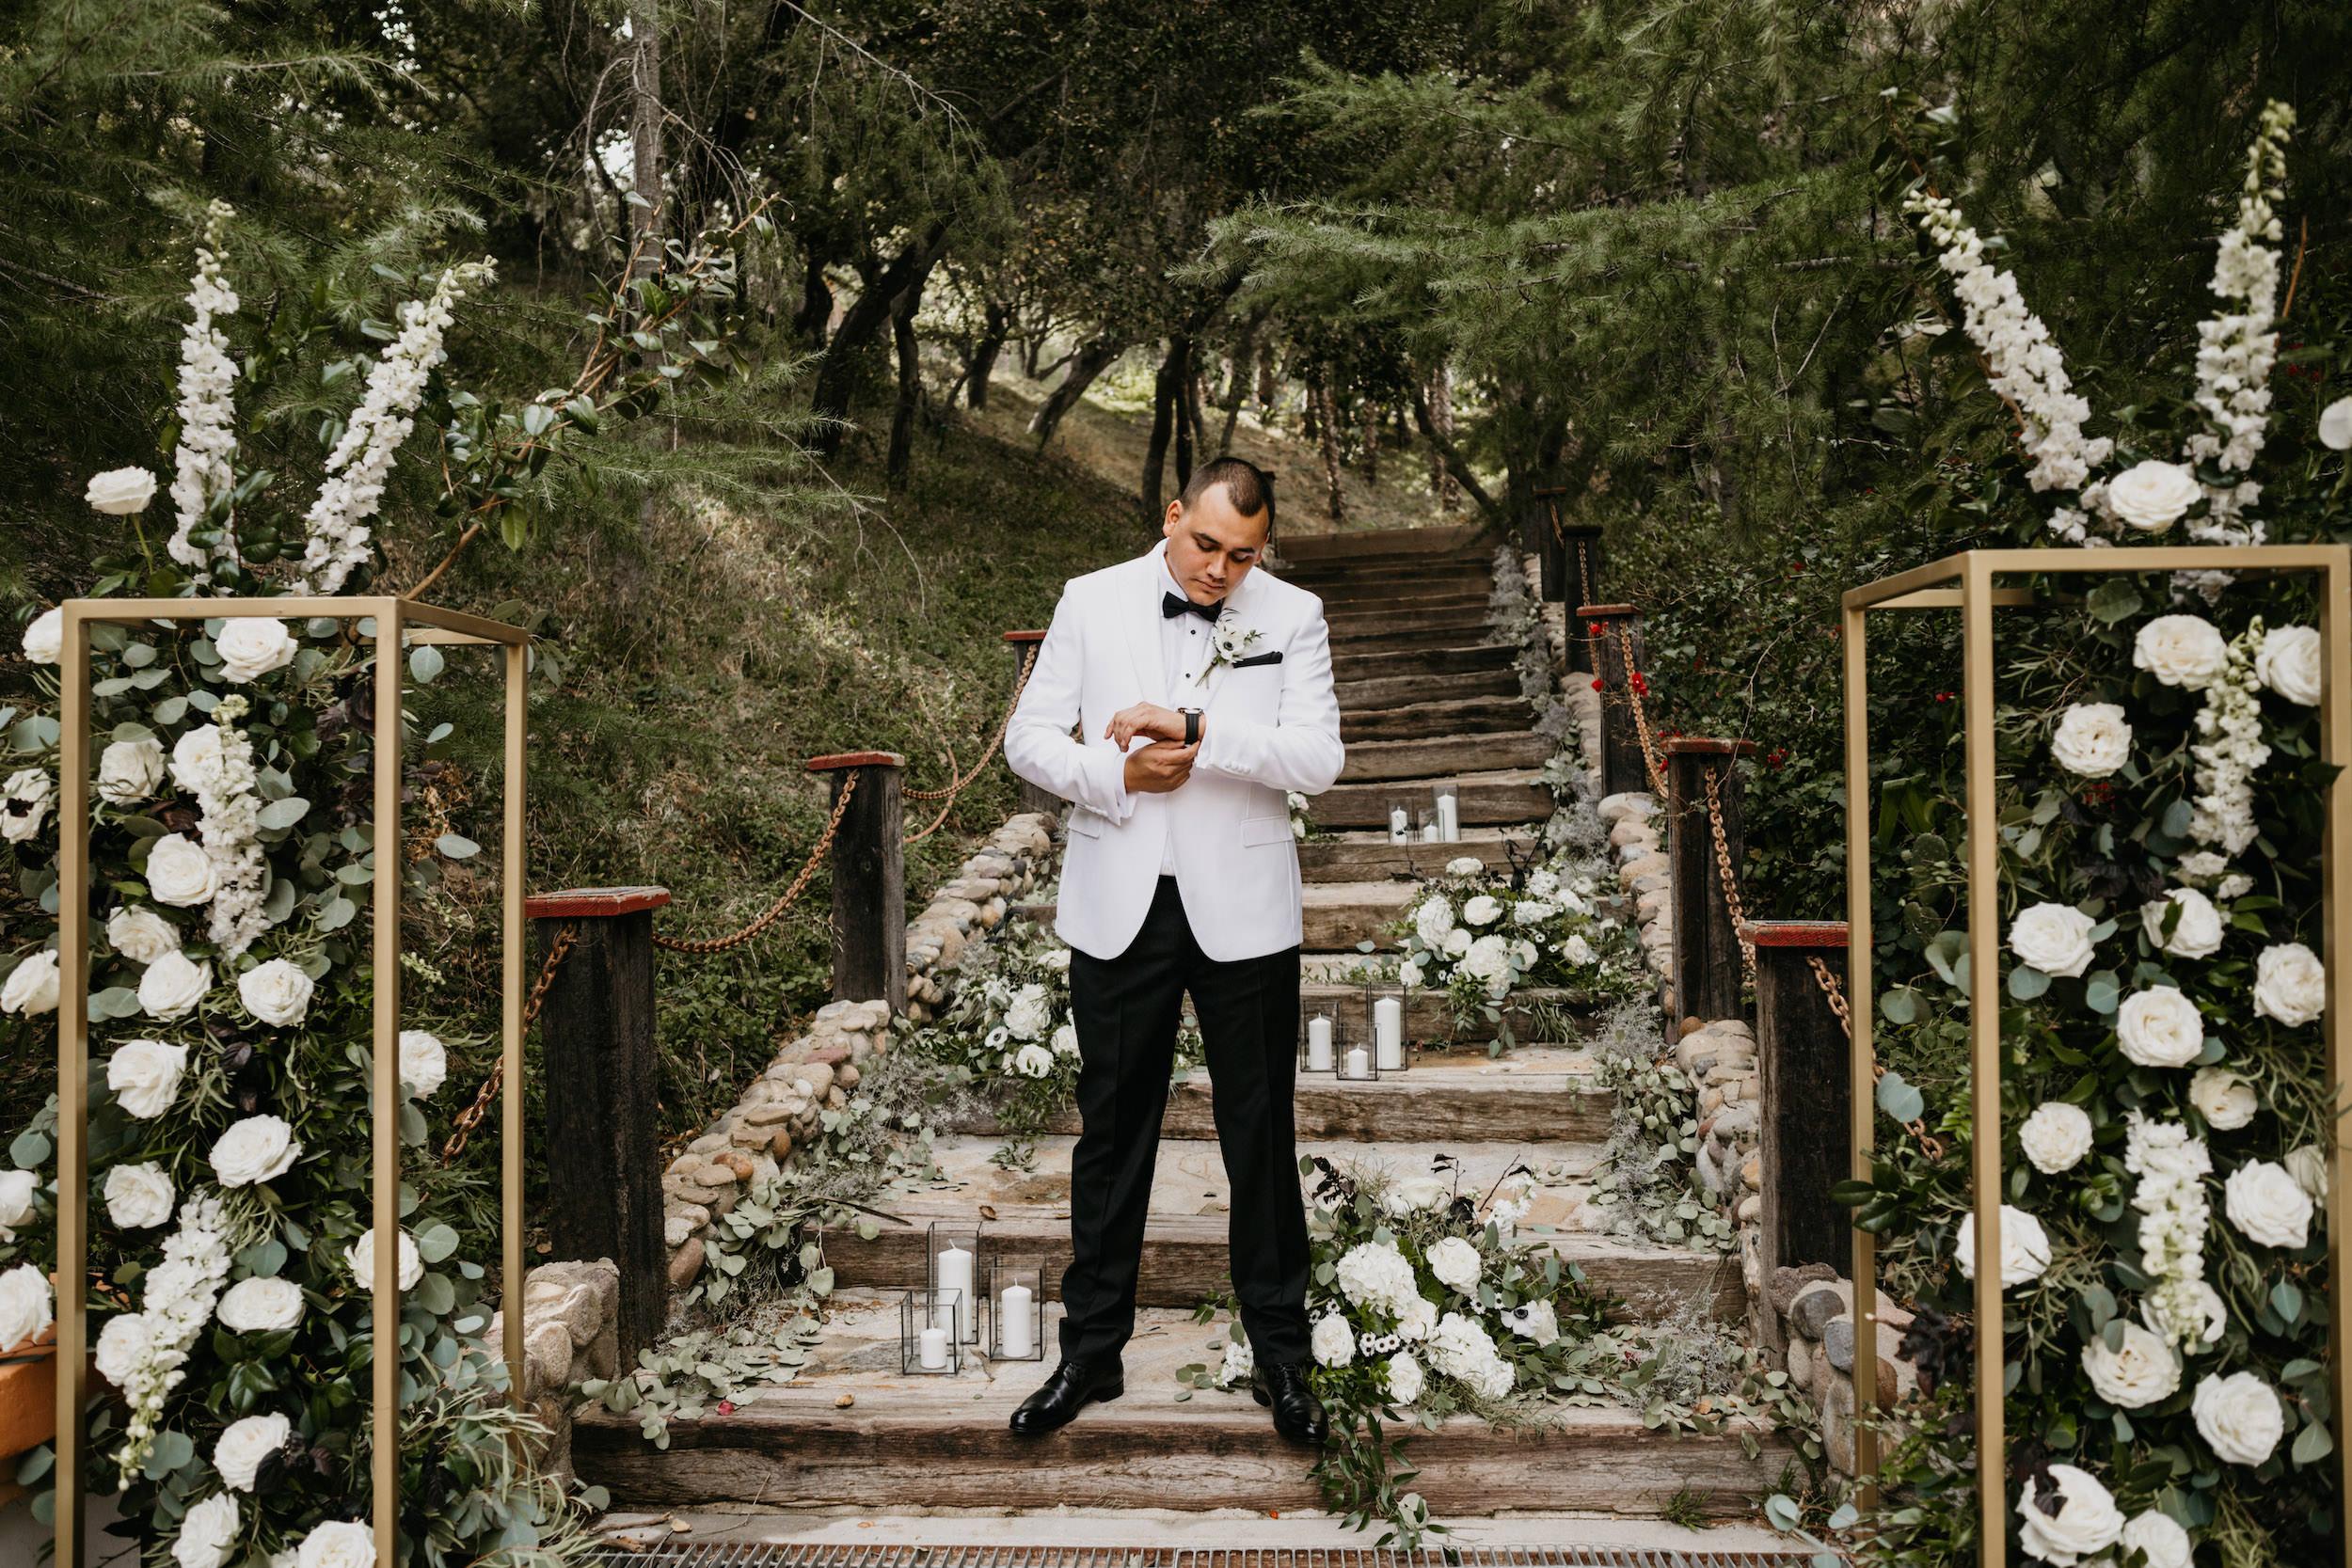 Groom Portrait in Rancho Las Lomas Wedding, image by Fatima Elreda Photo